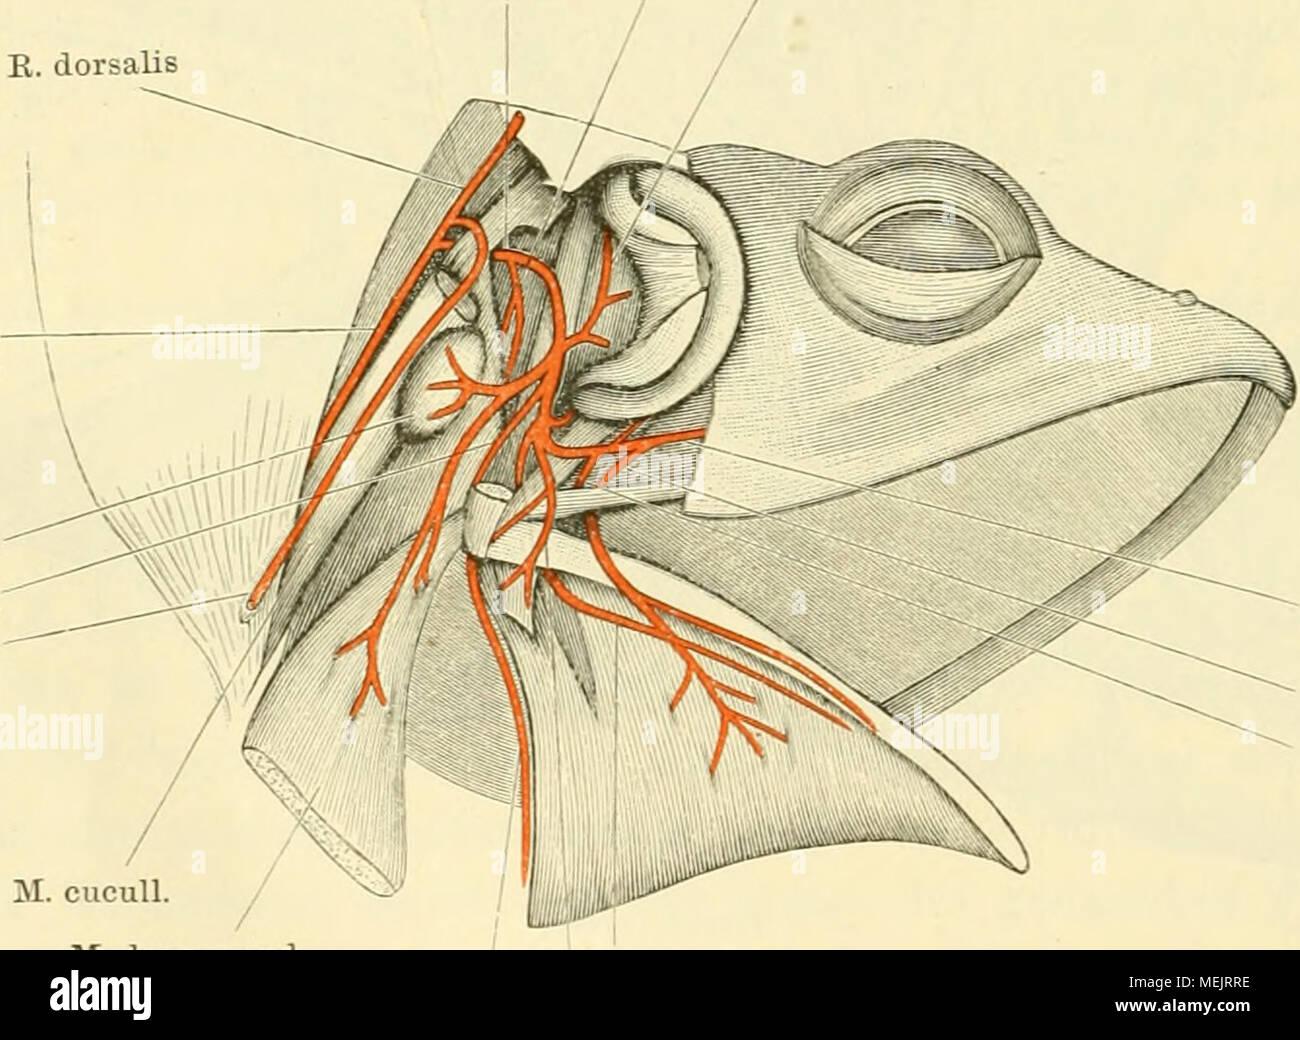 Tolle Hals Dreieck Anatomie Galerie - Menschliche Anatomie Bilder ...